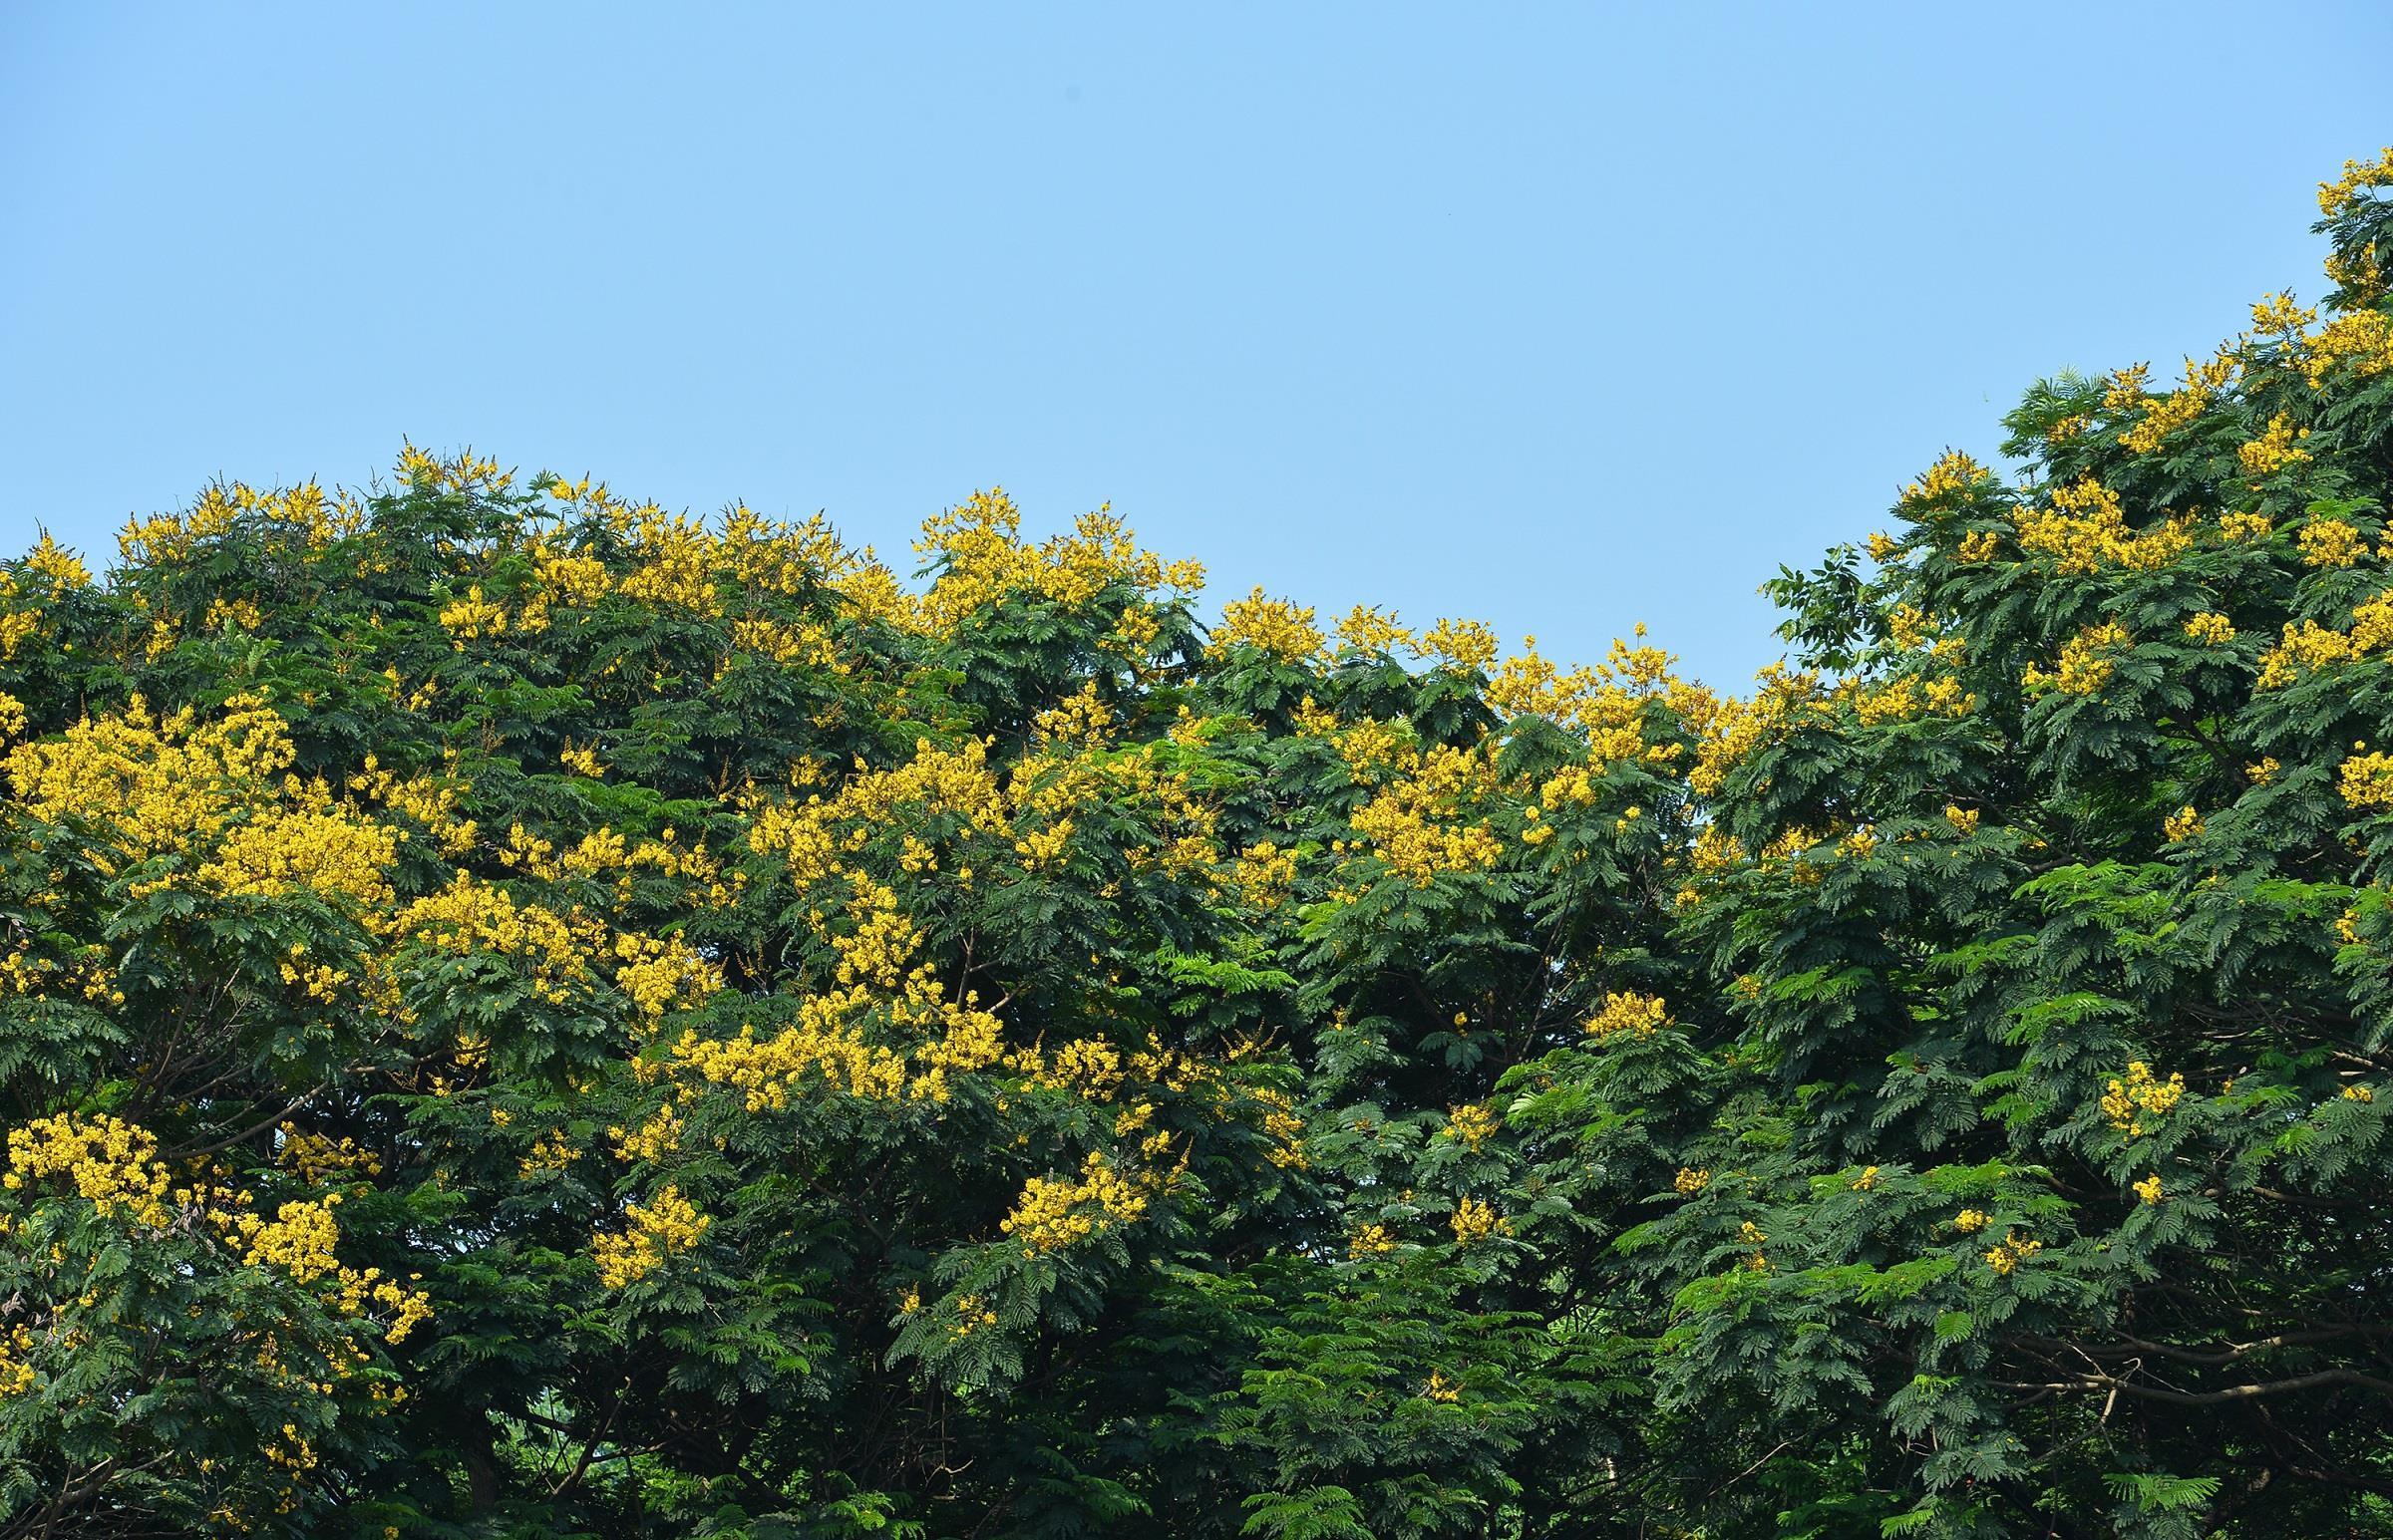 Hà Nội rực rỡ trong những sắc hoa mùa hè Ảnh 29